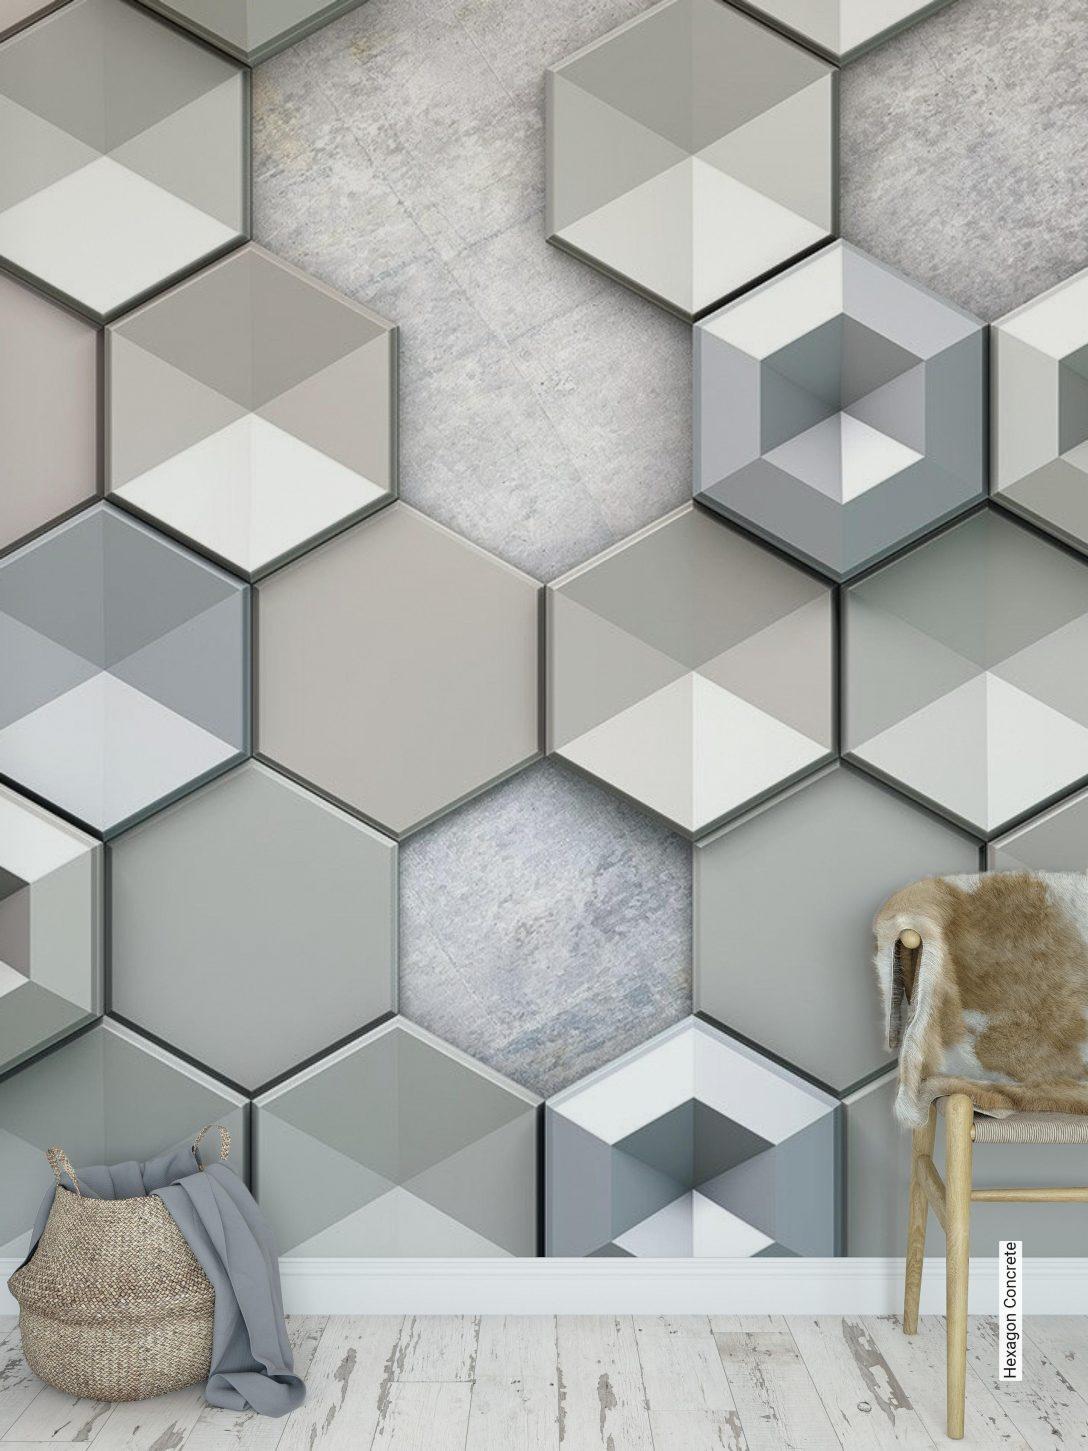 Large Size of Tapete Hexagon Concrete Tapetenagenturde Tapeten Schlafzimmer Für Küche Wohnzimmer Ideen Fototapeten Die Wohnzimmer 3d Tapeten